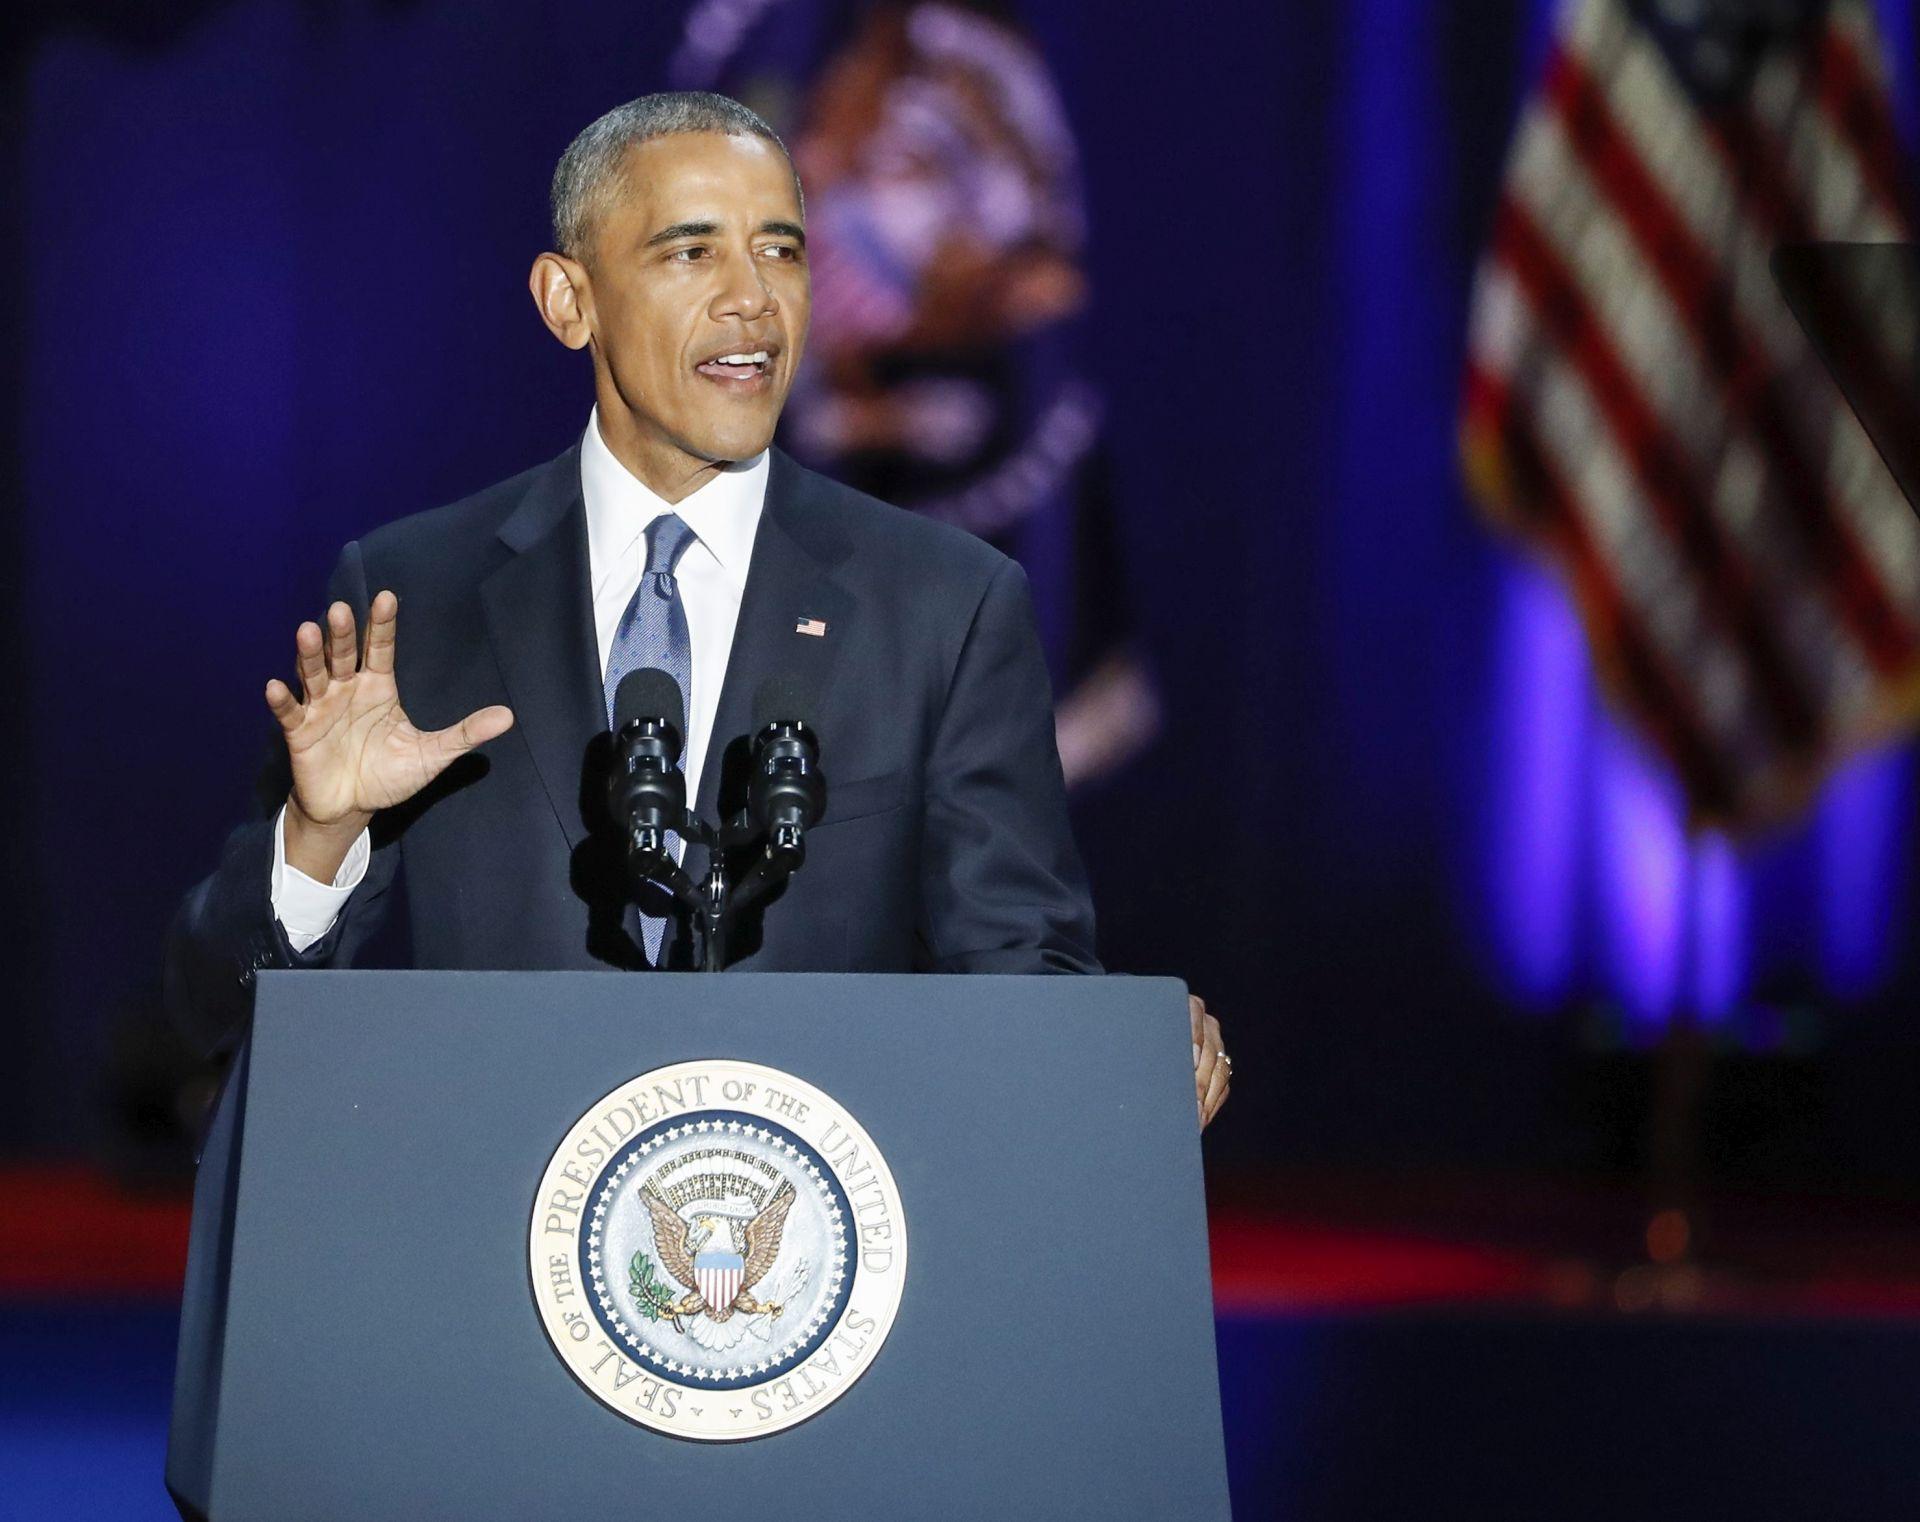 OPROŠTAJNI GOVOR Obama: 'Da, uspjeli smo'